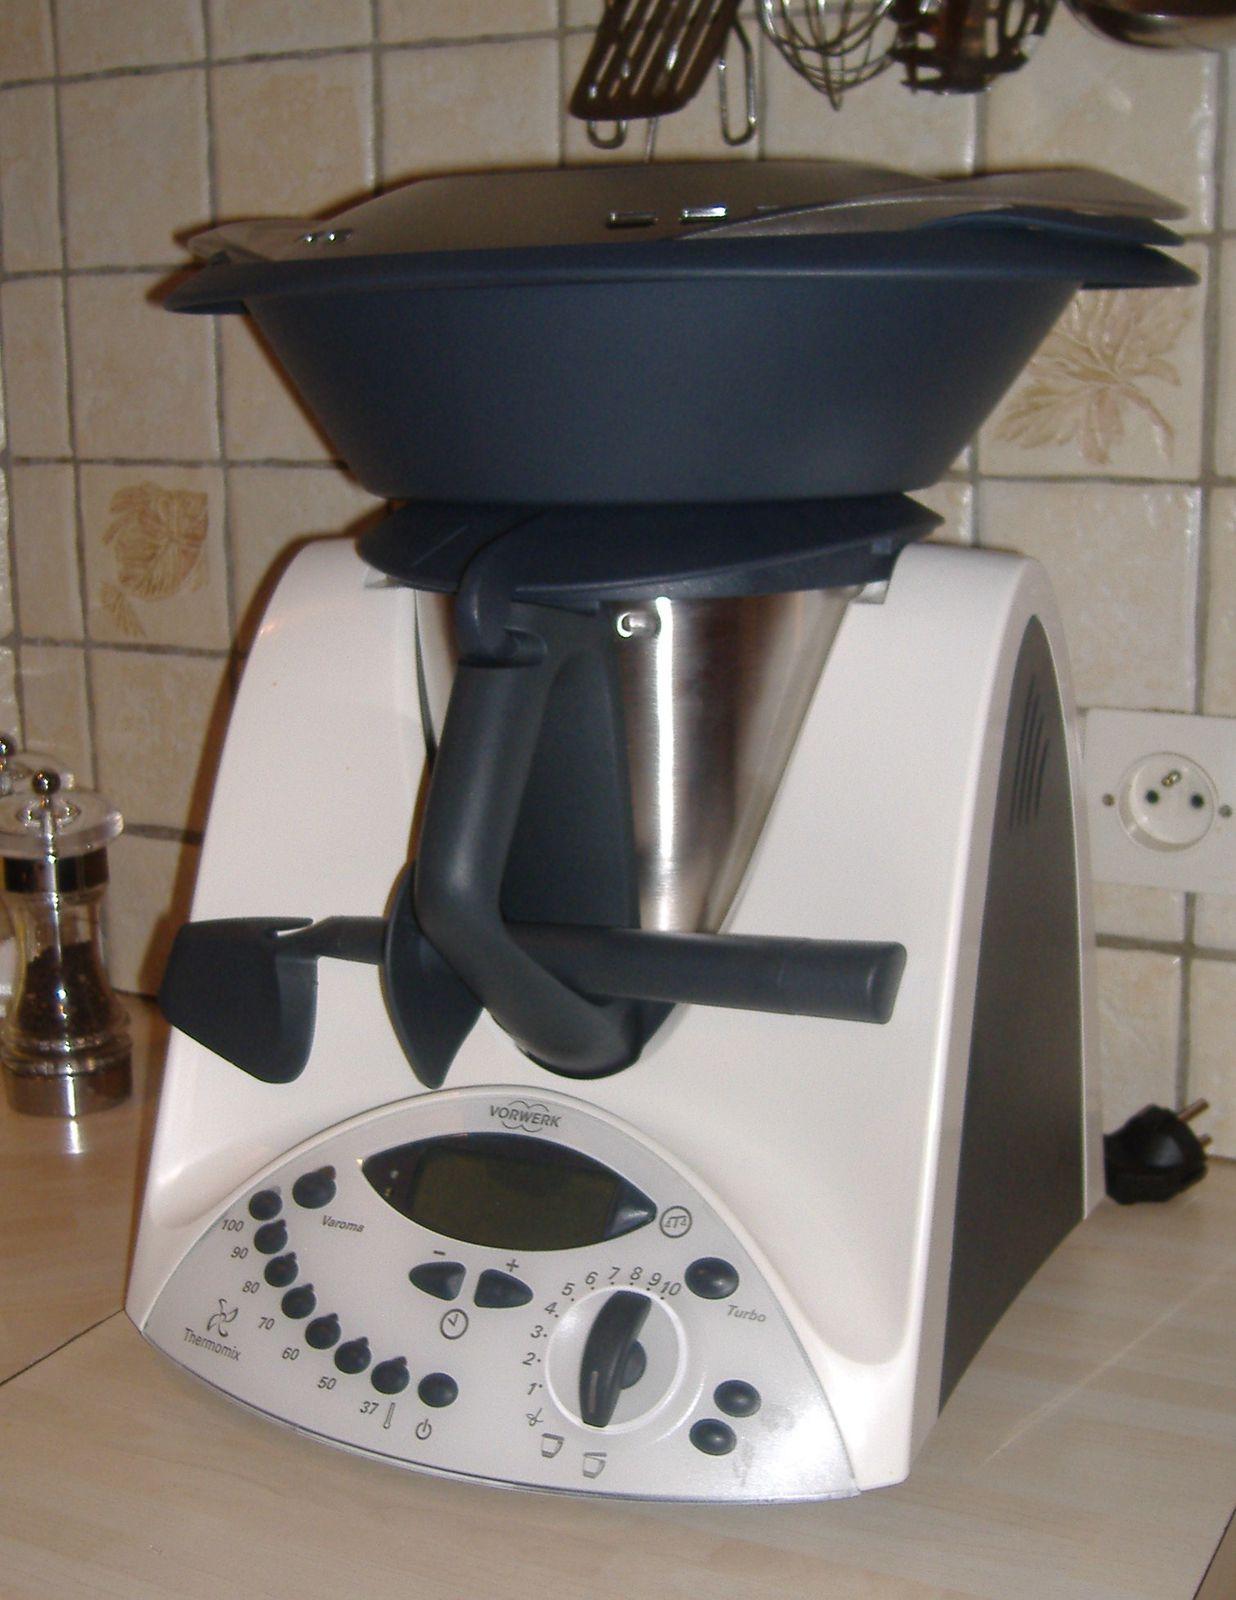 arrivee du thermomix dans nos cuisines le blog de tatan moi et le thermomix. Black Bedroom Furniture Sets. Home Design Ideas